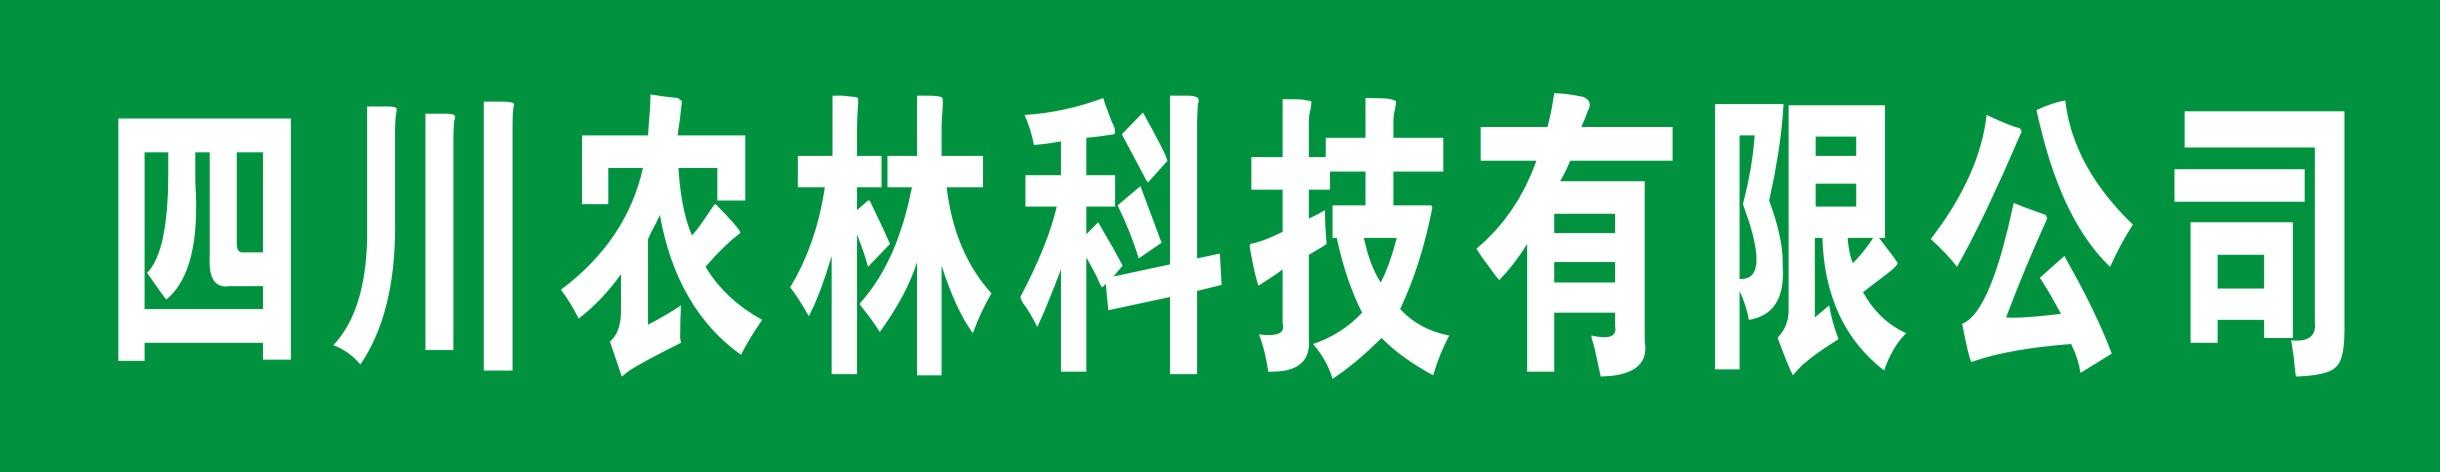 四川�{海燃油公司